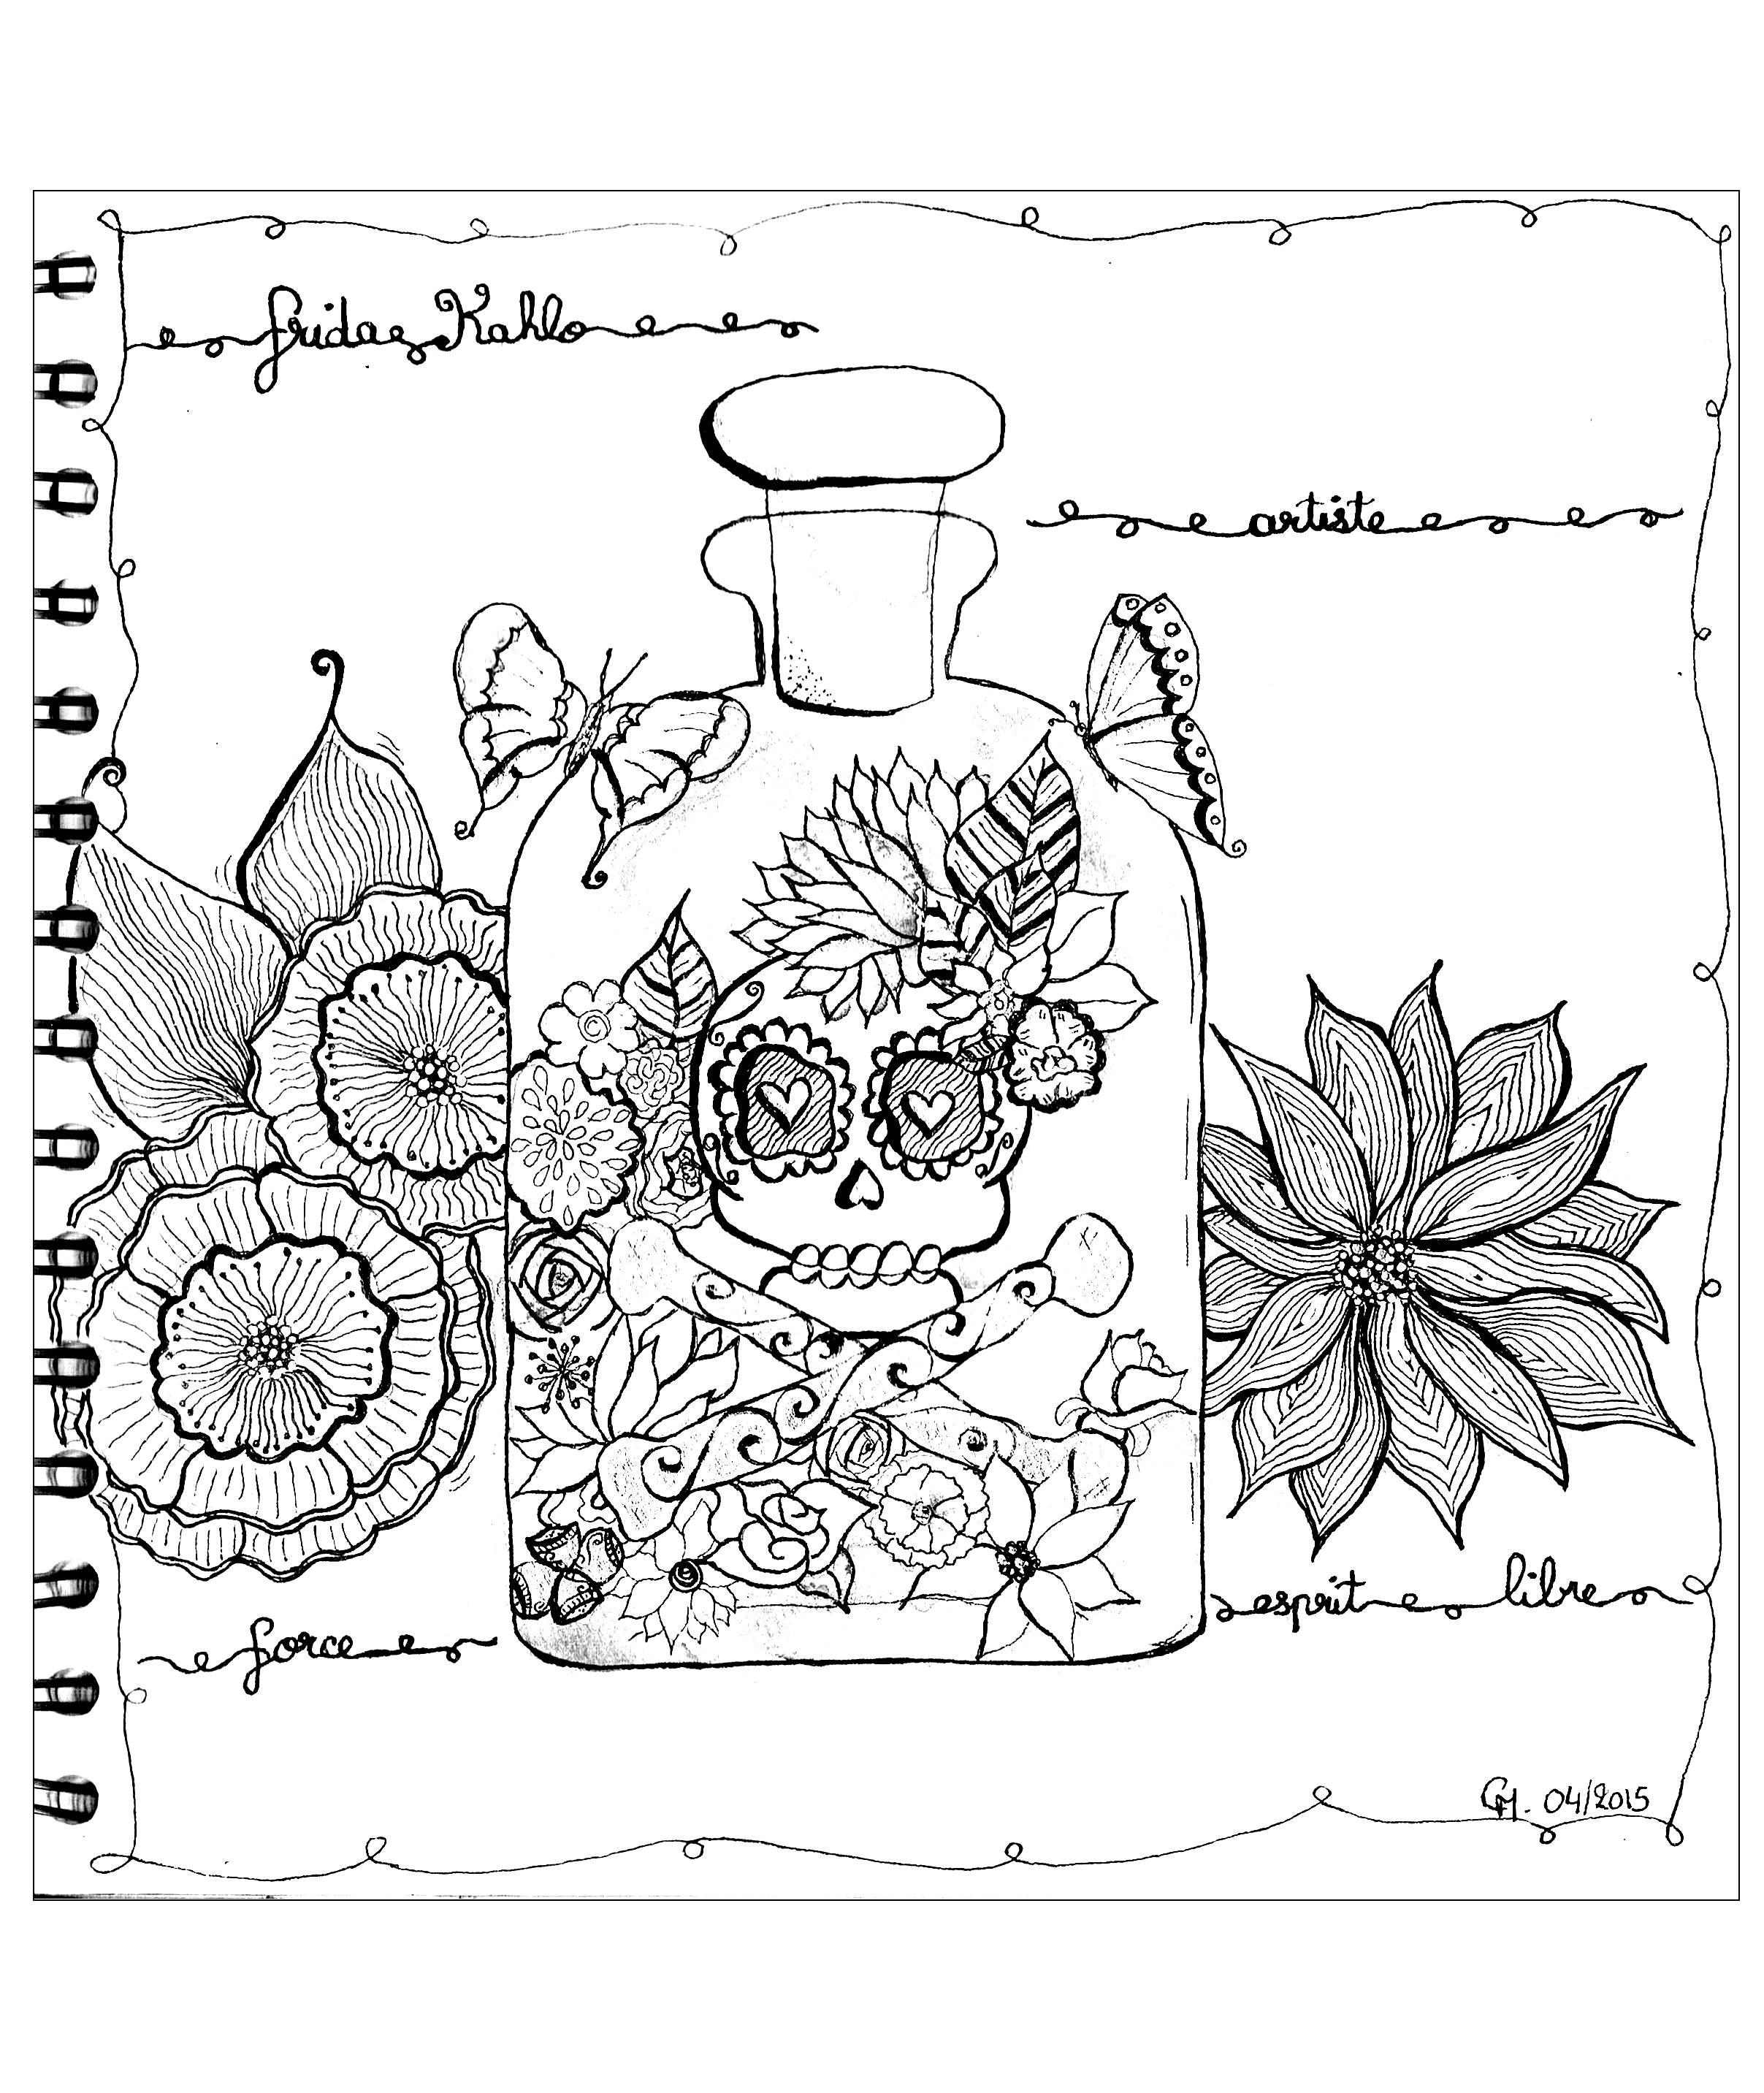 Colorear para adultos : Flores y vegetación - 45